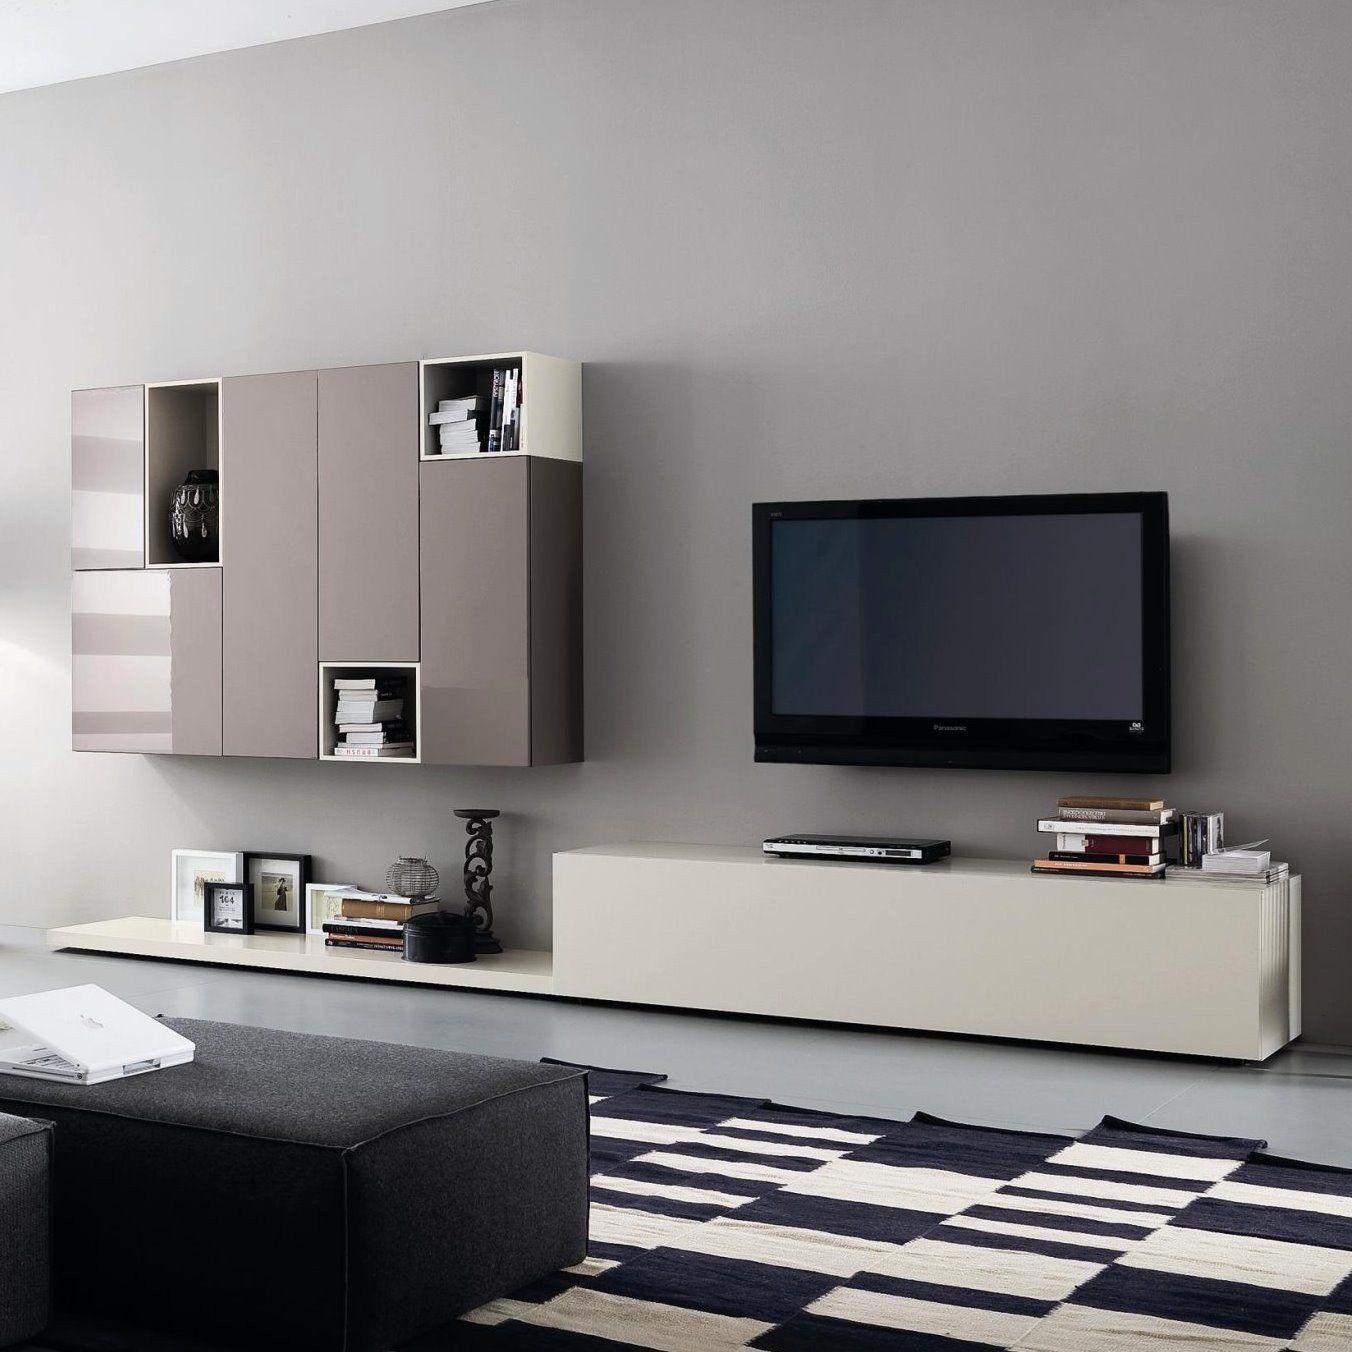 Wohnwand design  Matrix 20 weiß und grau lackierte Wohnwand | Interior | Pinterest ...